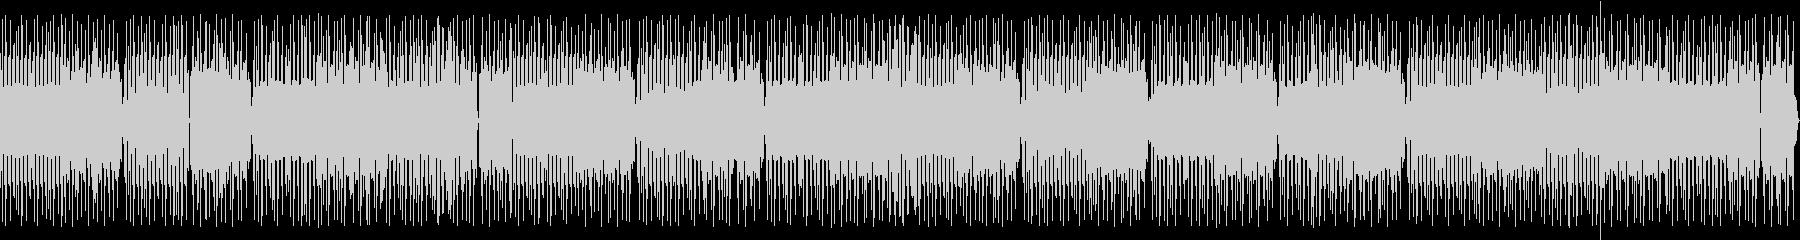 喋り動画用_ローテンポなトランス系BGMの未再生の波形